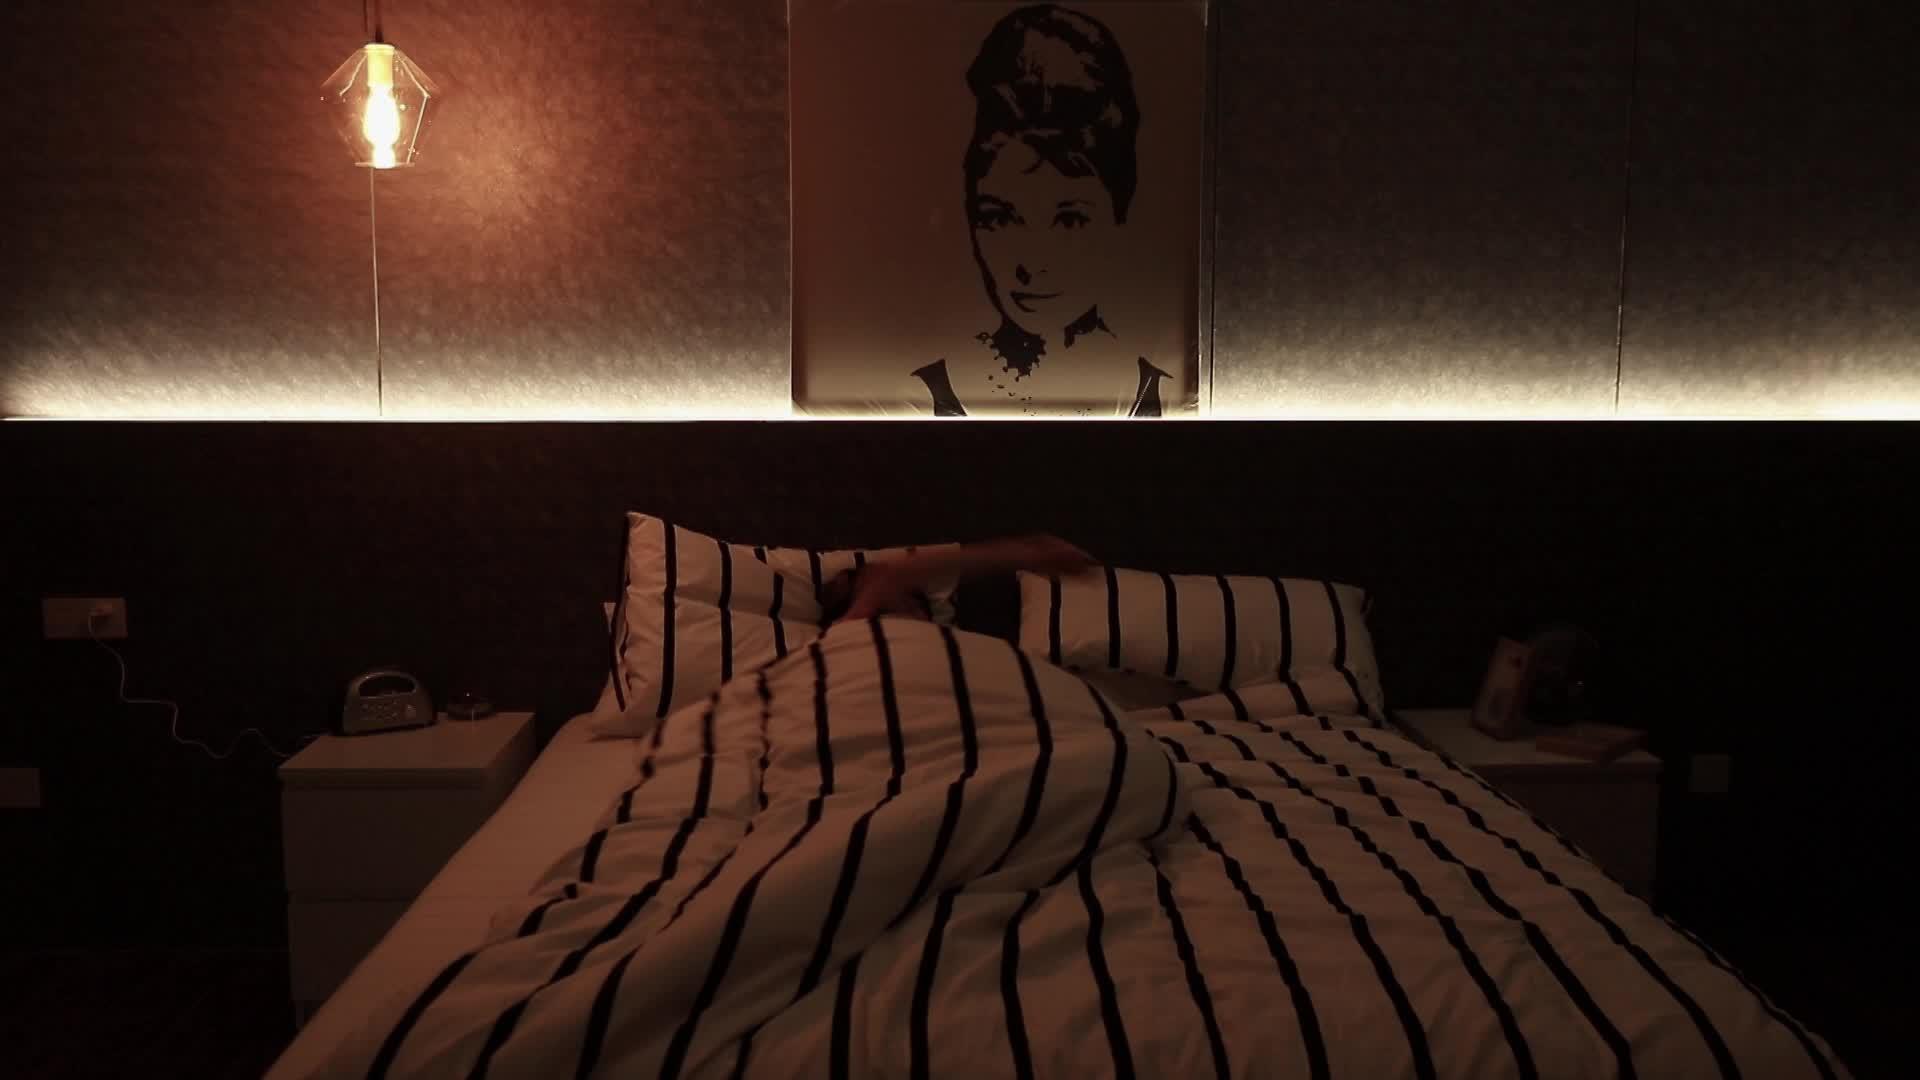 Nachtlampje slaap Geluid Machine voor Subhealthy bevolking en slaapstoornissen mensen